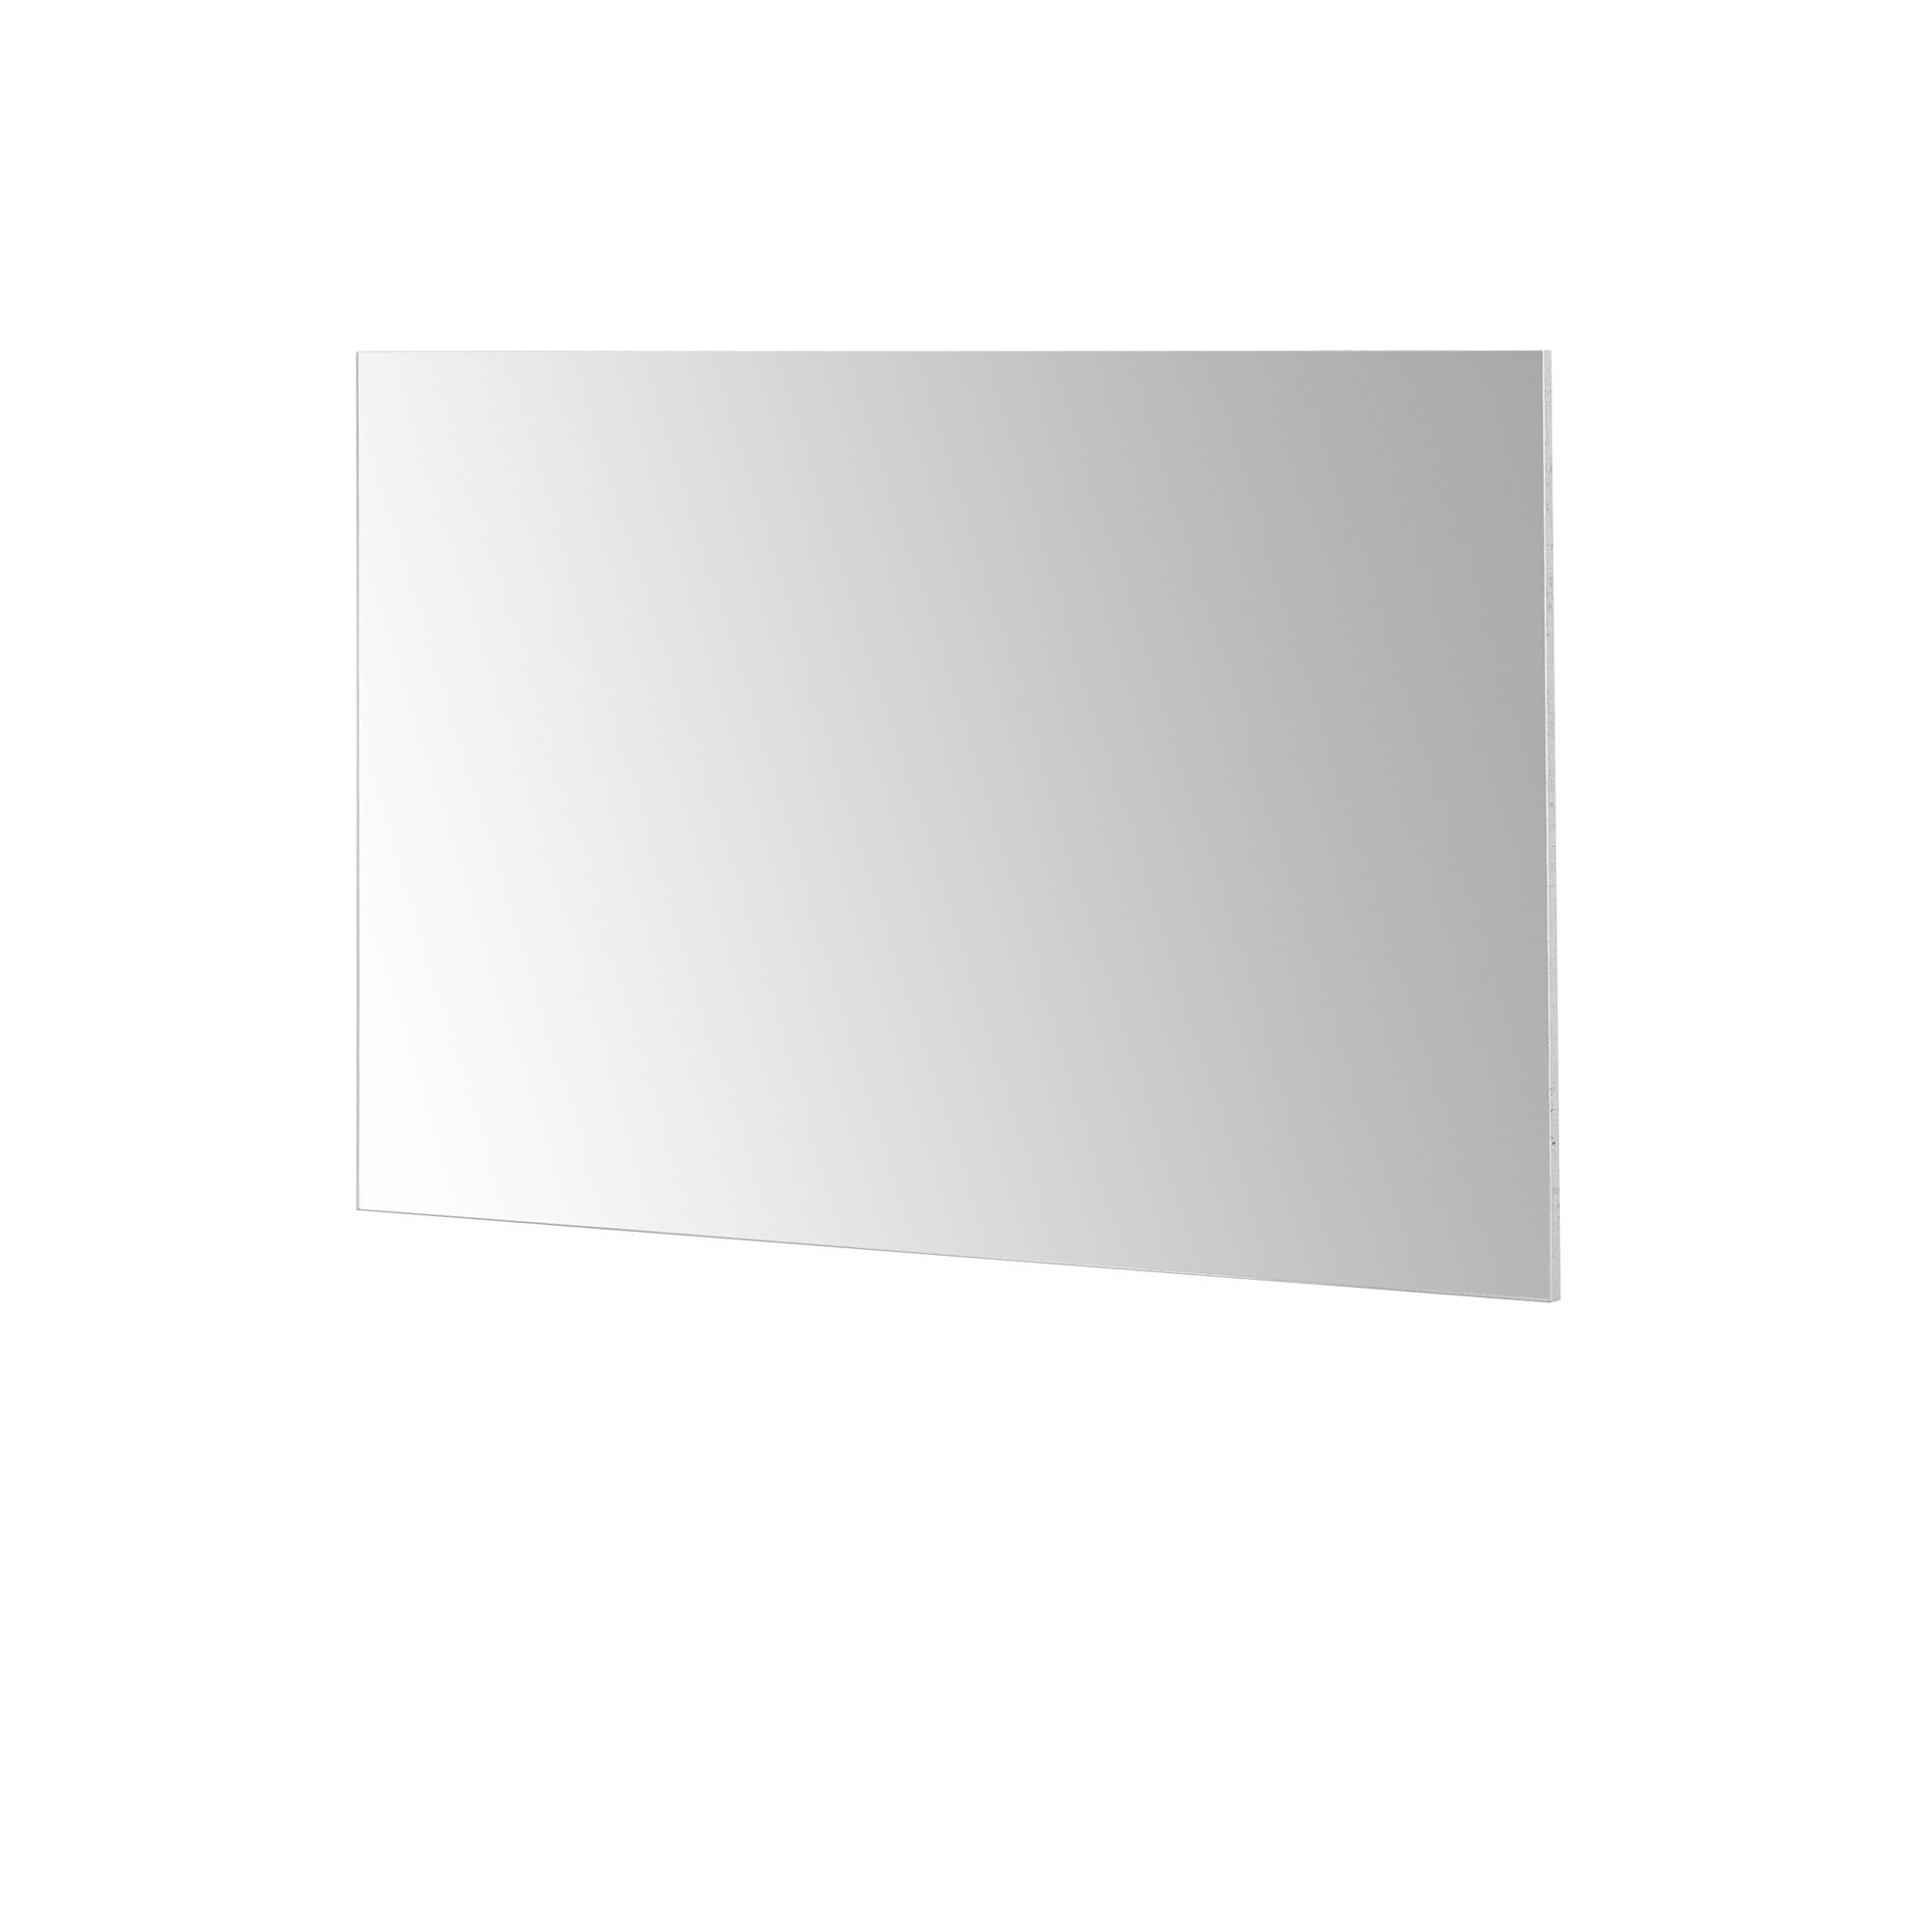 spiegel mia 85 x 60 cm vollfl chig verspiegelt beton grau wohnen spiegel. Black Bedroom Furniture Sets. Home Design Ideas